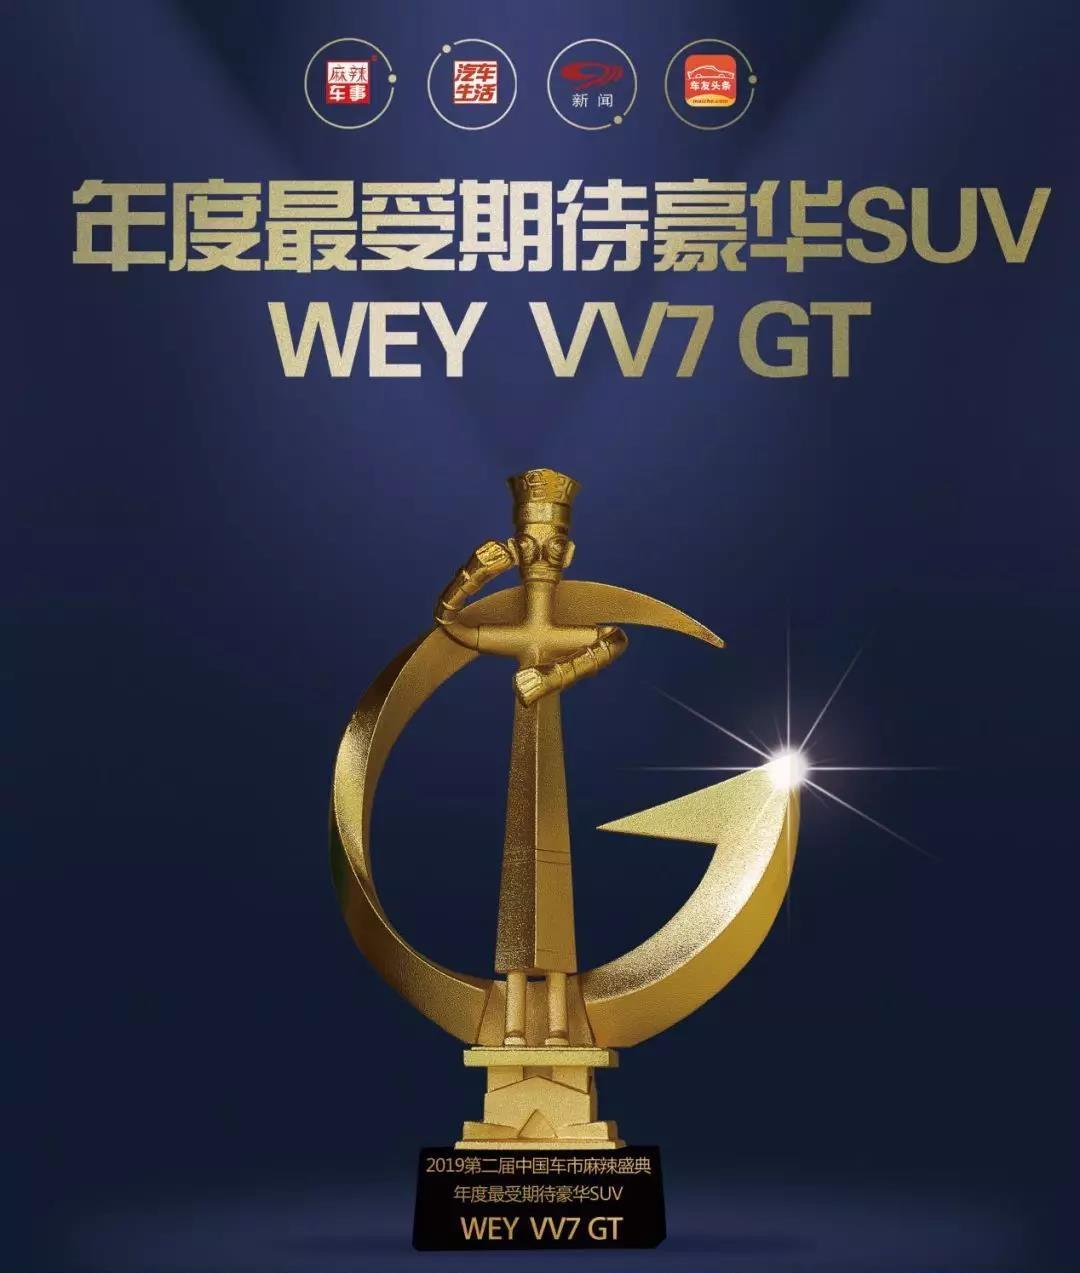 WEY VV7 GT获奖,不仅因为颜值更